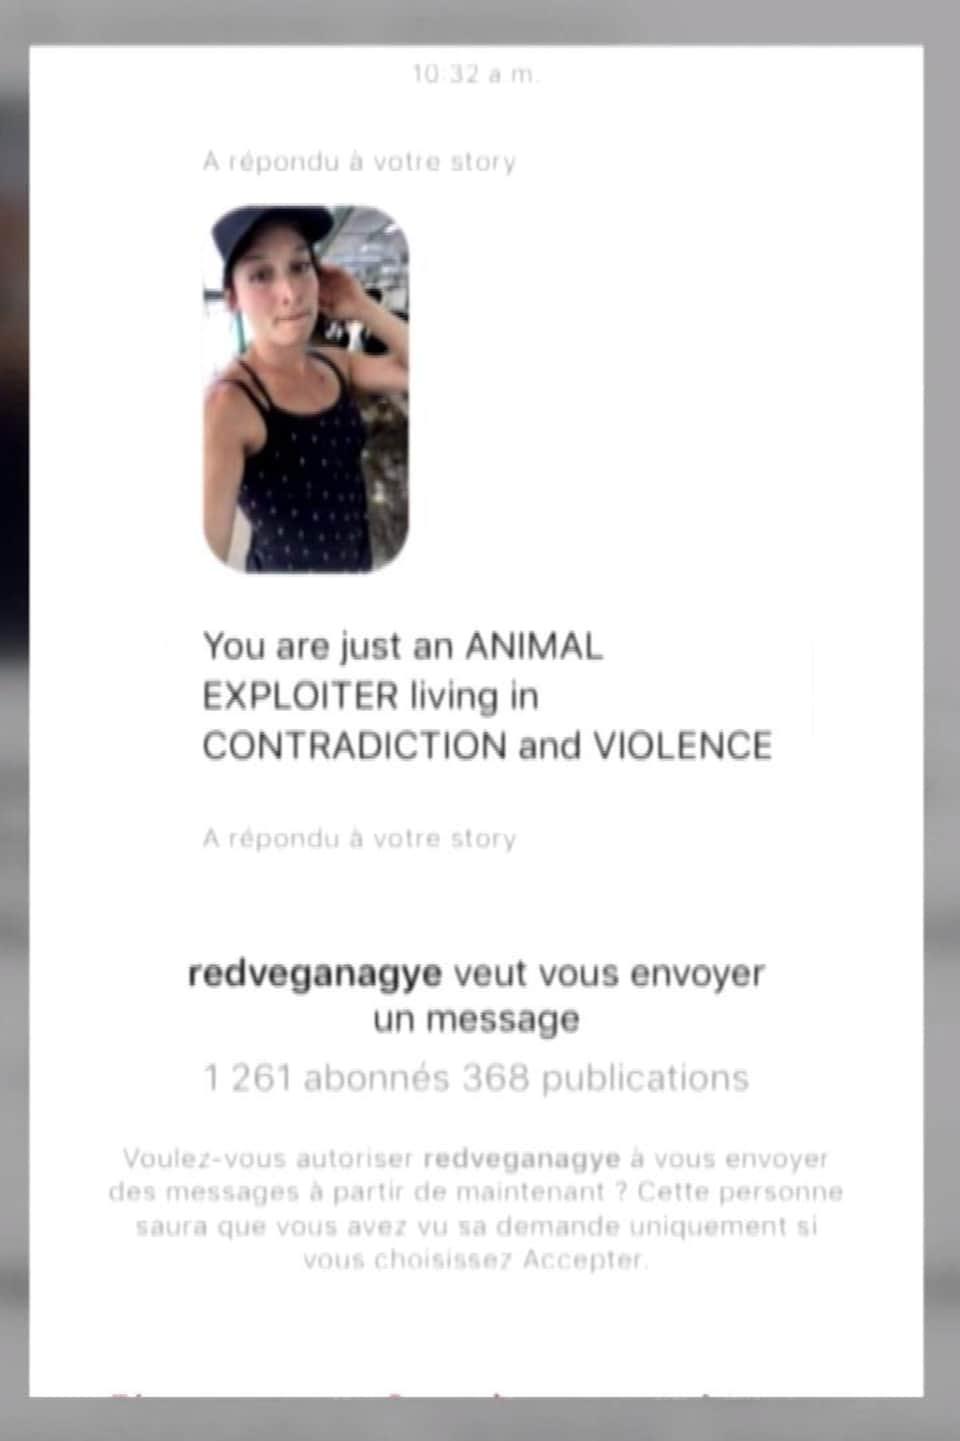 Capture d'écran d'un message envoyé par Instagram où Mylène se fait accuser d'être une «exploiteuse d'animaux».